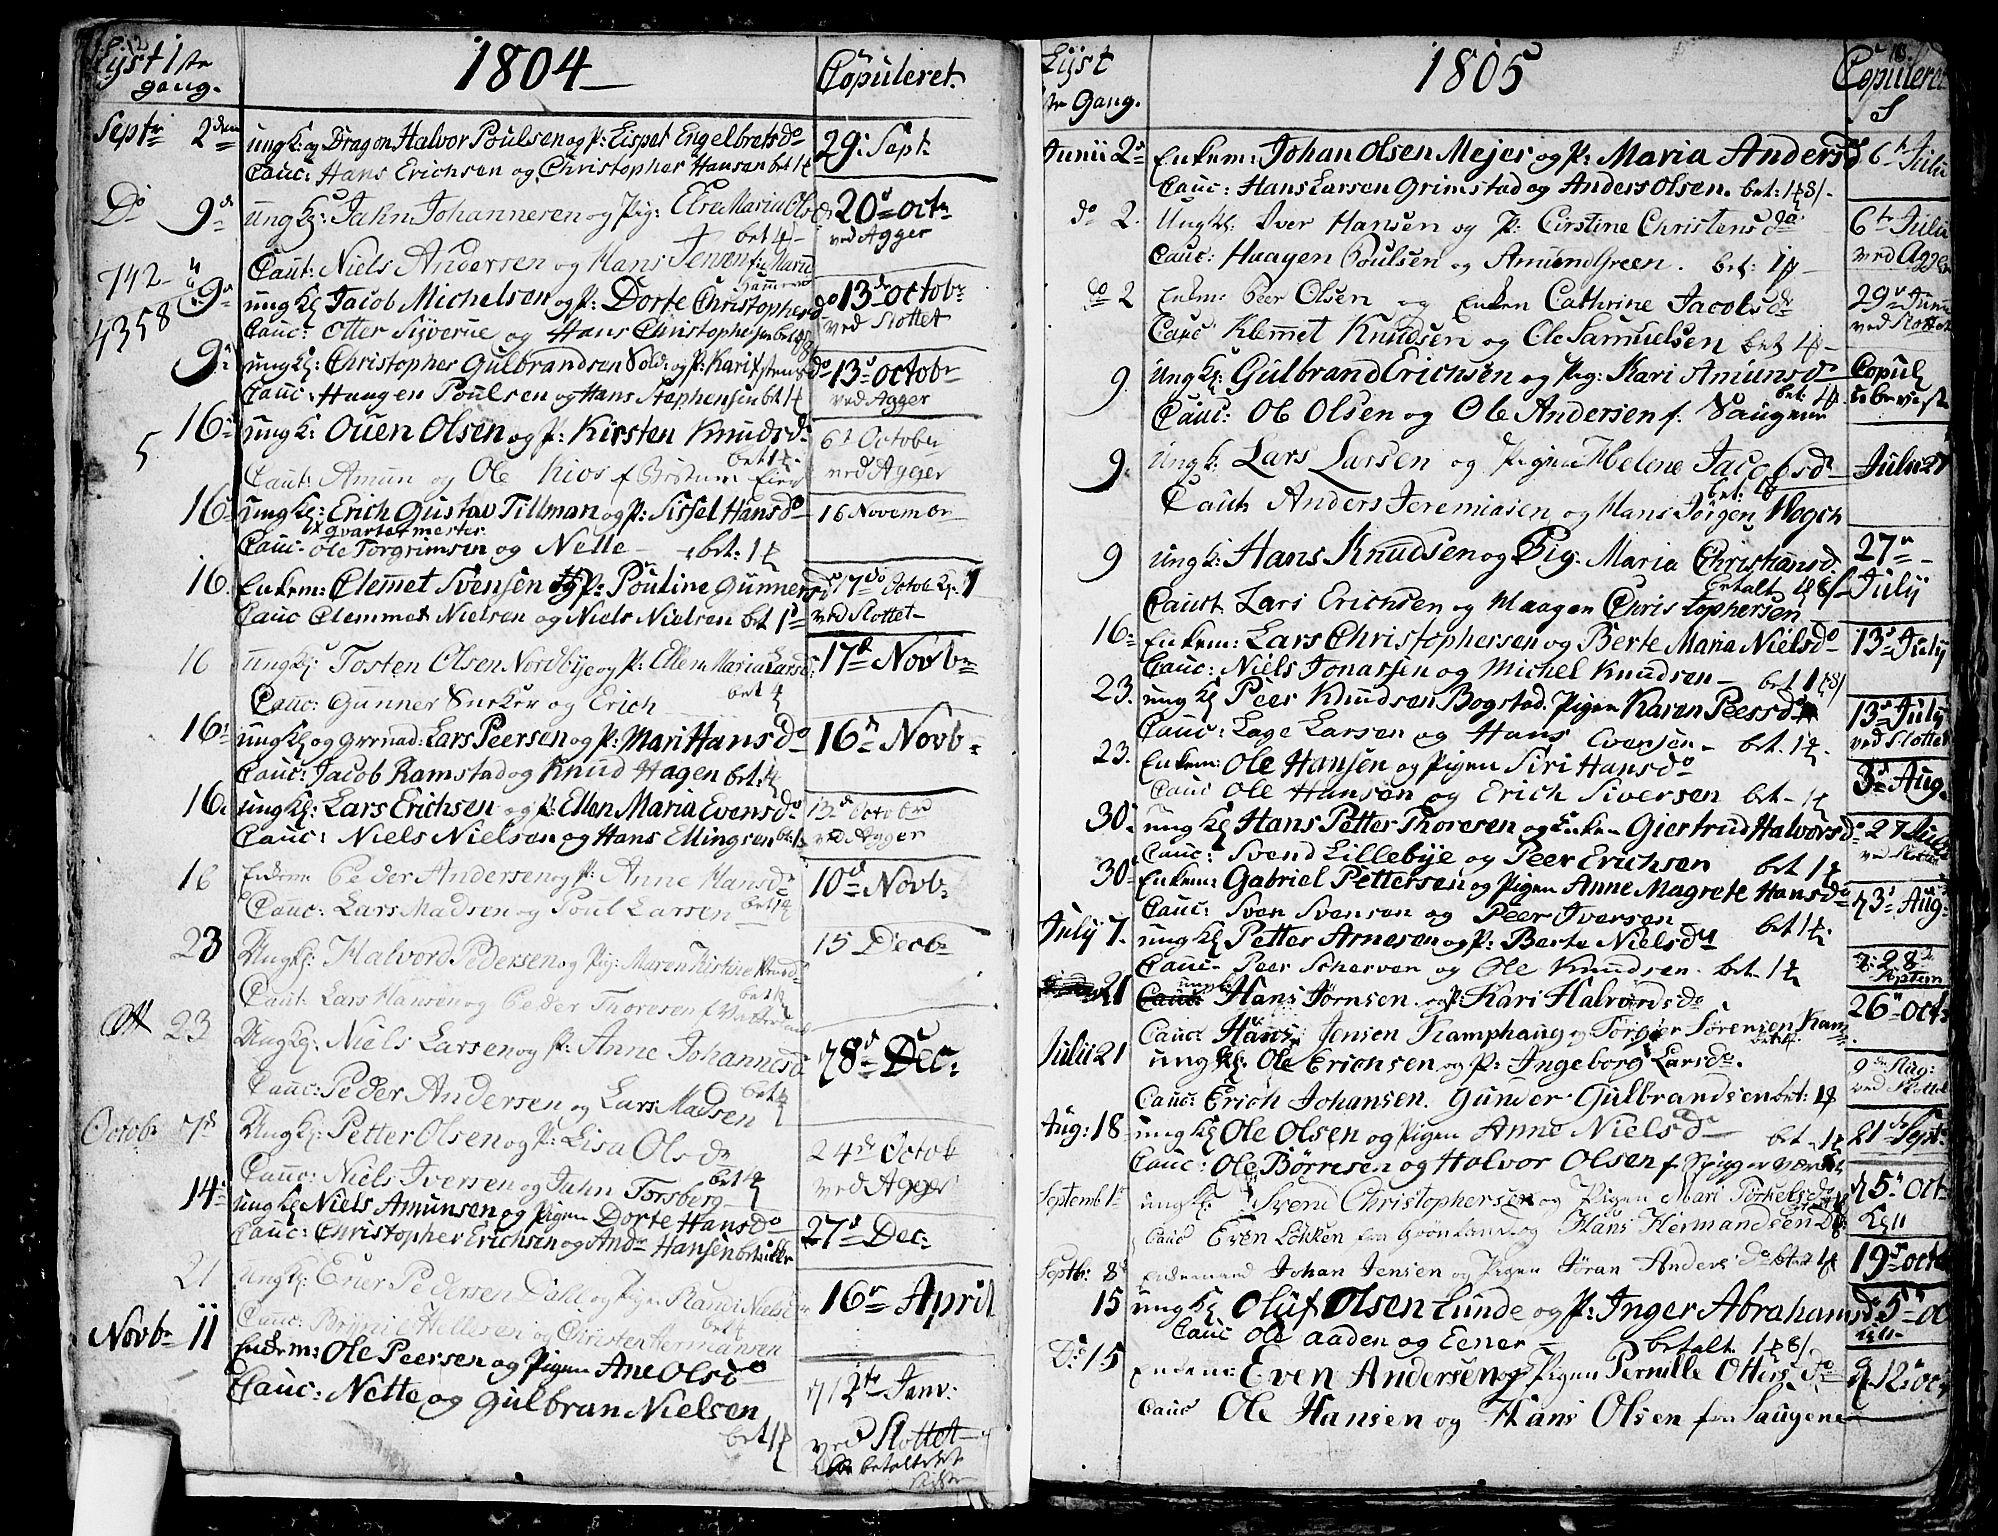 SAO, Aker prestekontor kirkebøker, G/L0001: Klokkerbok nr. 1, 1796-1826, s. 12-13